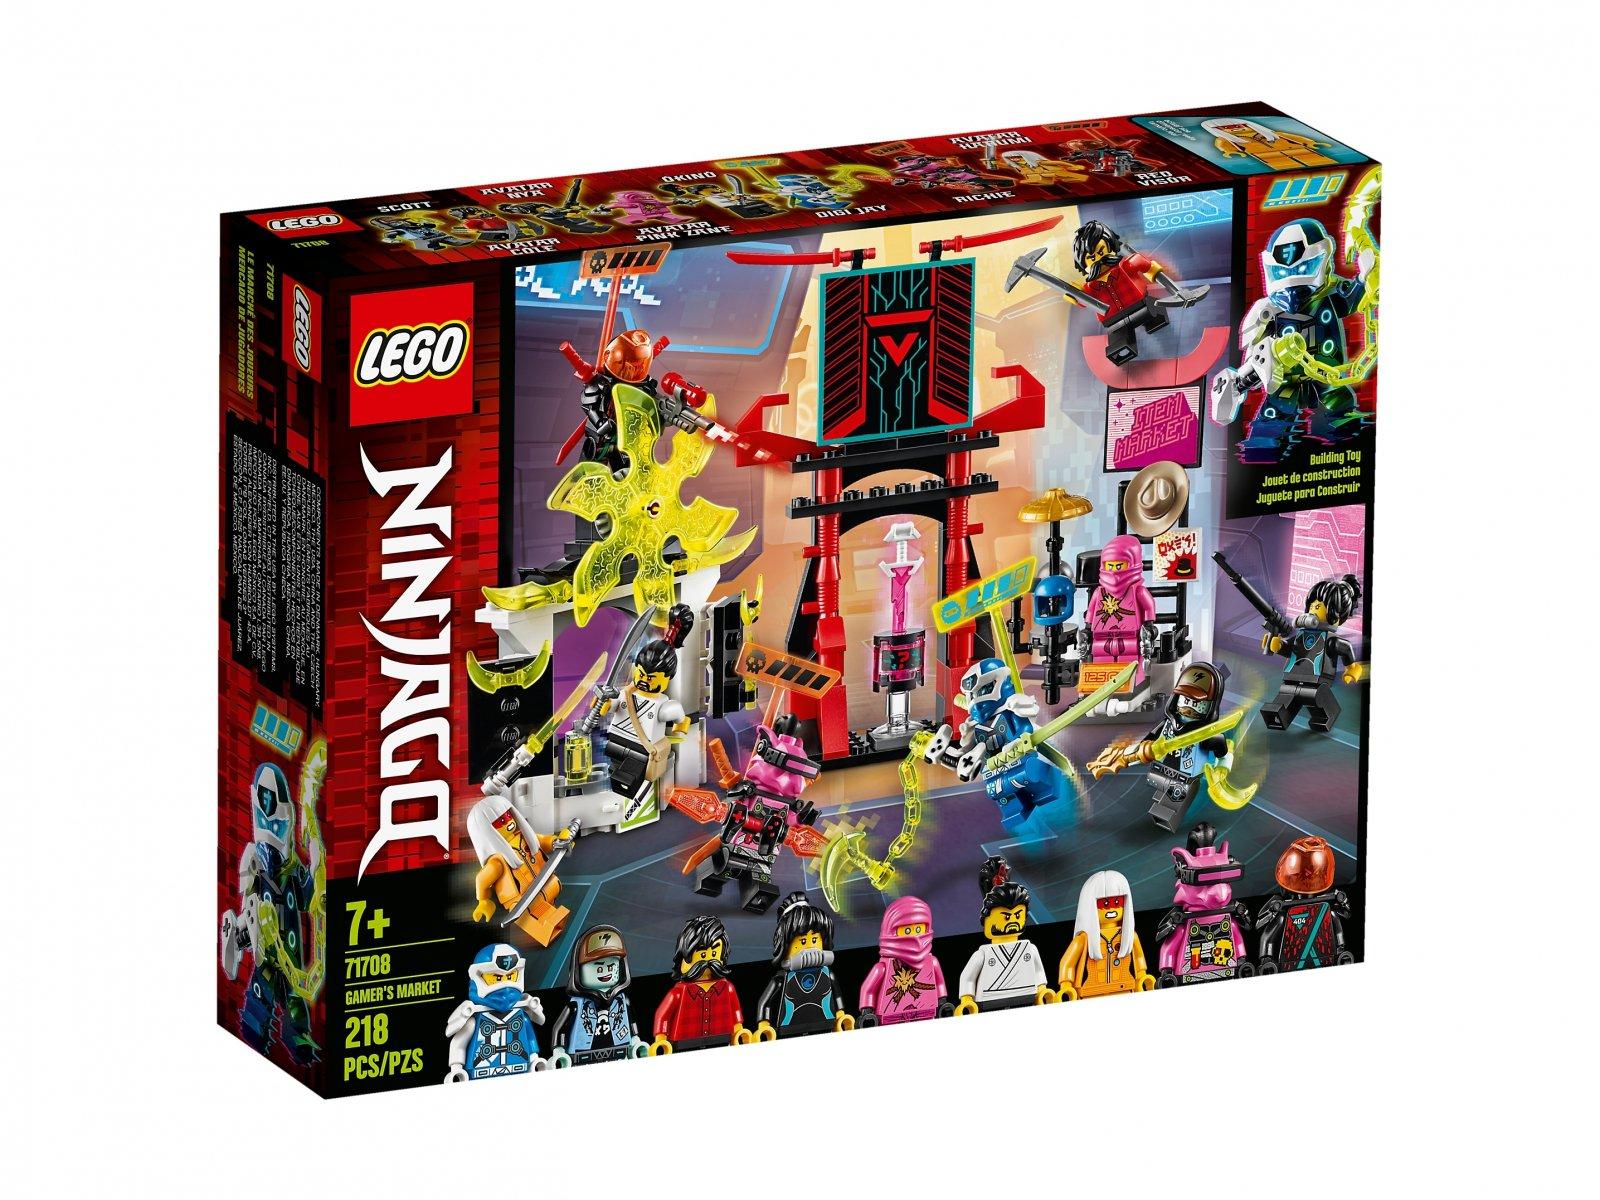 LEGO 71708 Ninjago® Sklep dla graczy